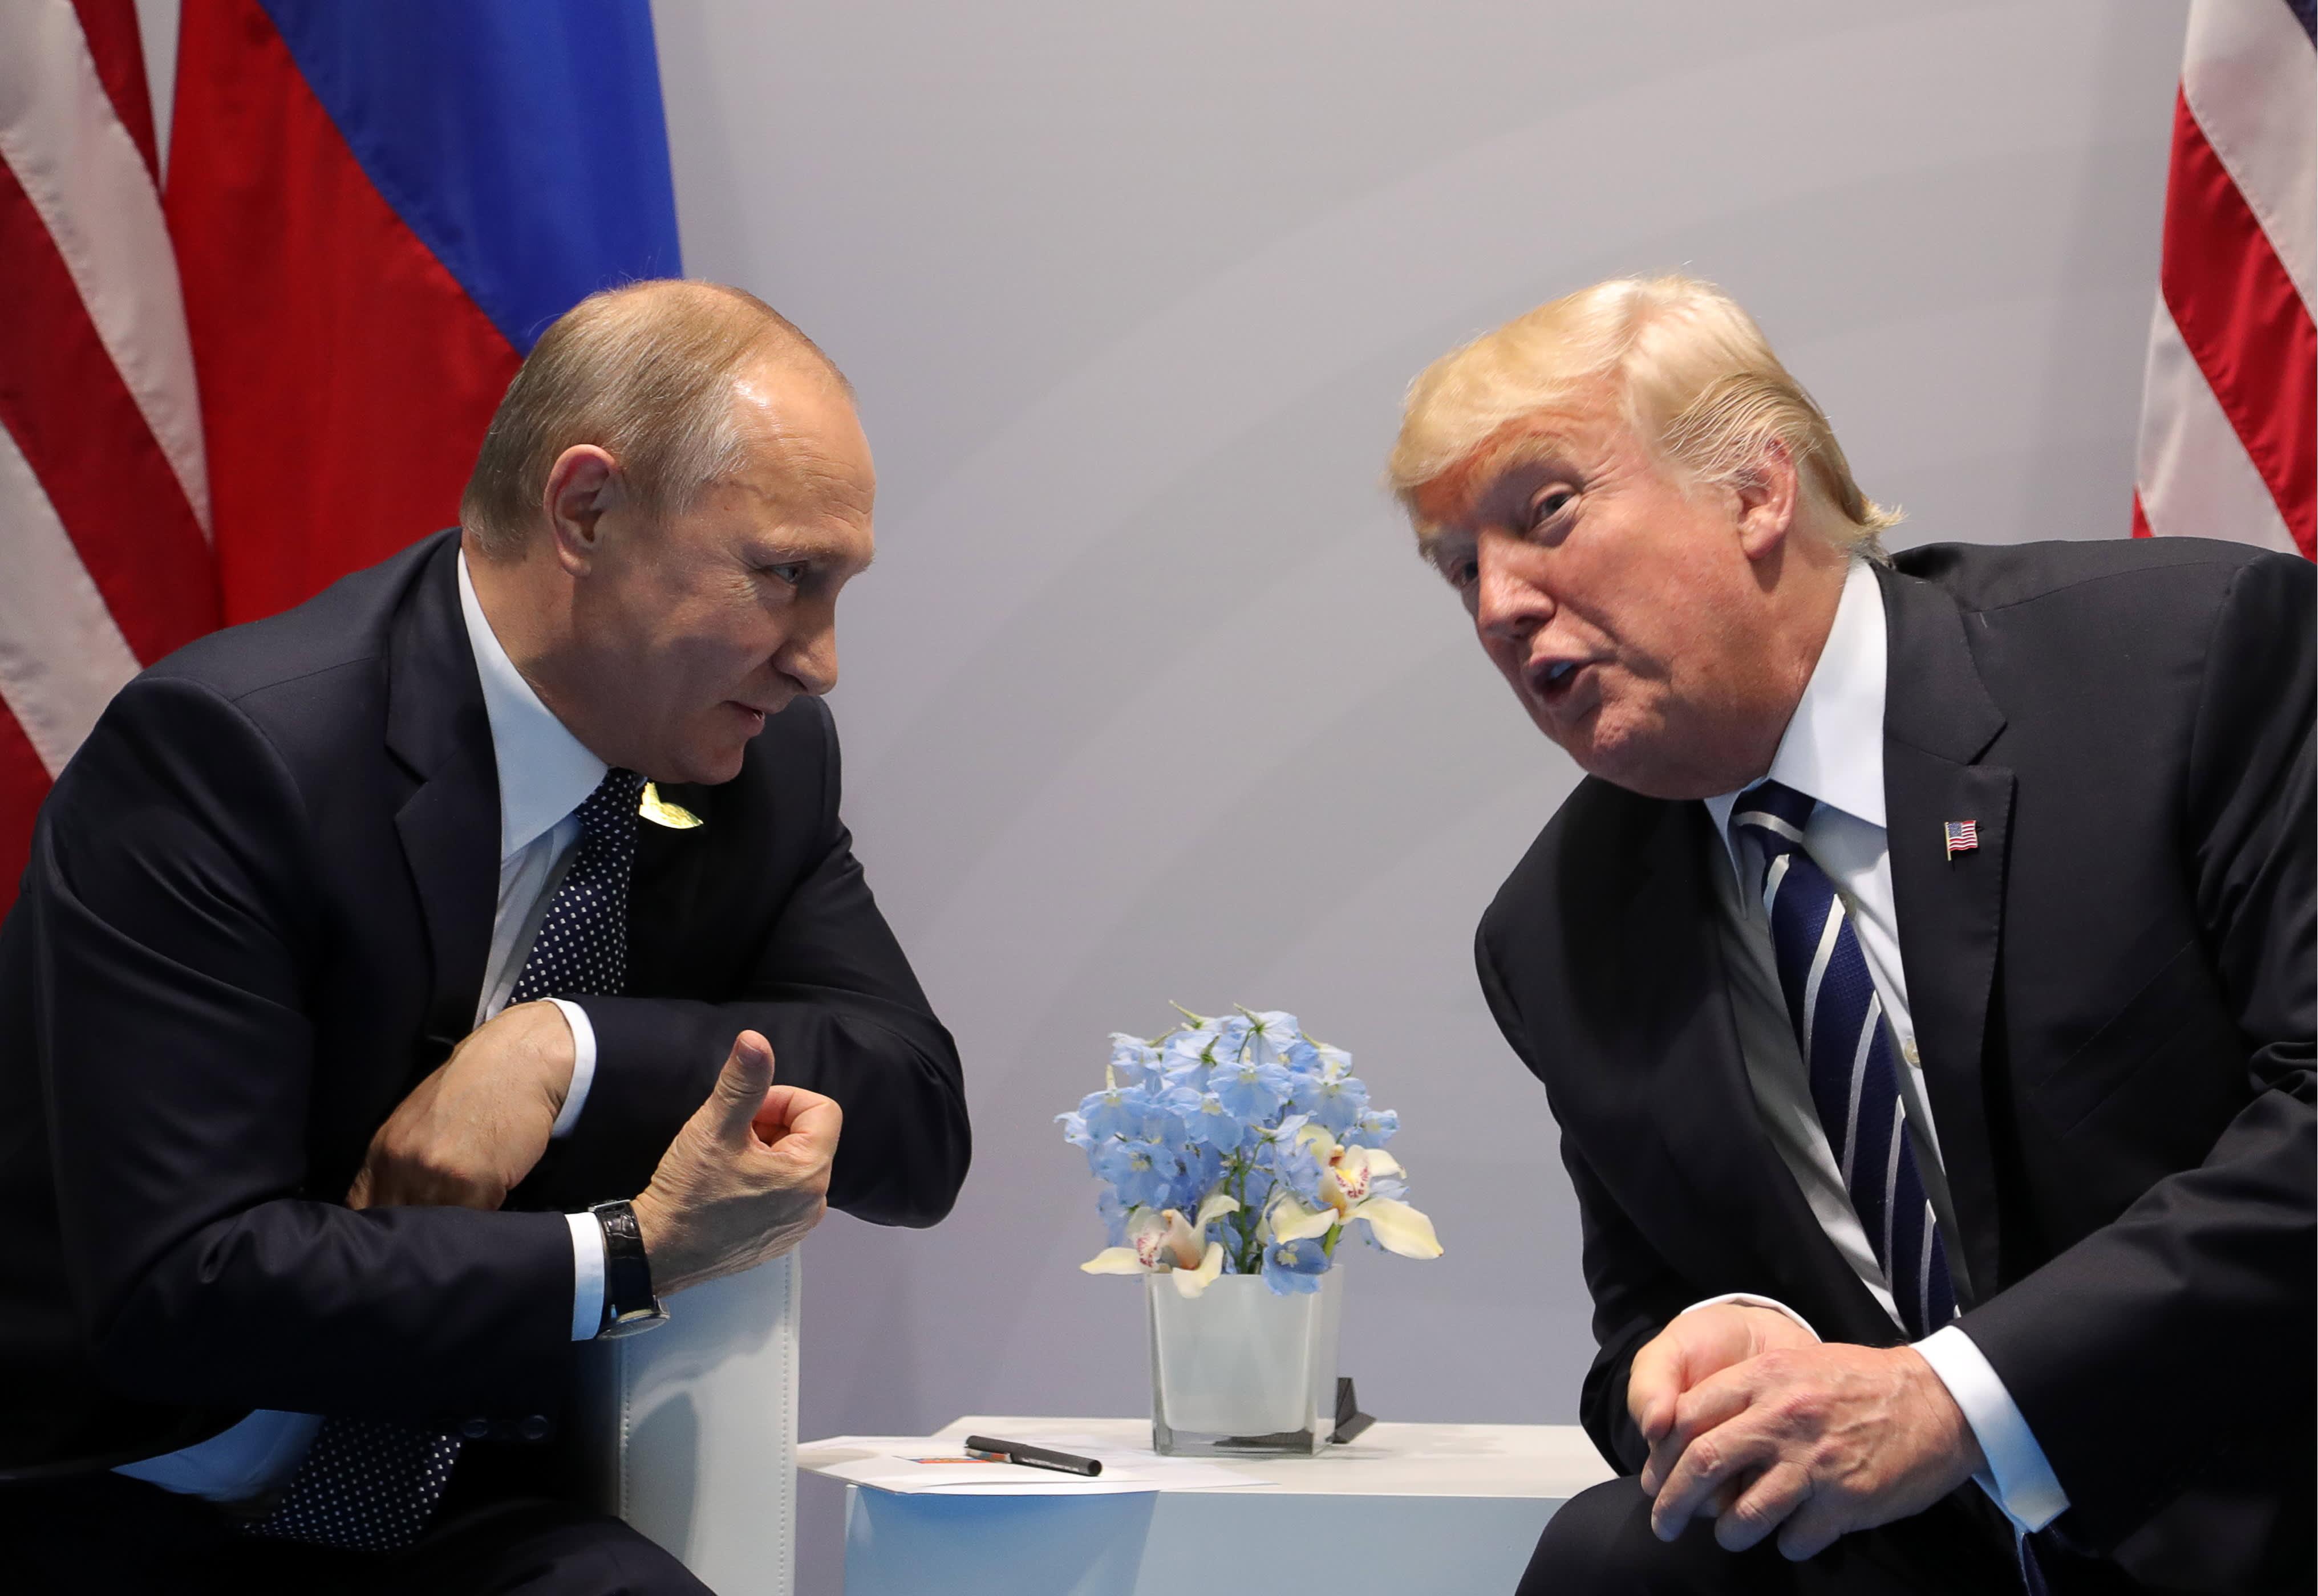 Trump says he will meet Russia's Putin at G-20 summit next week